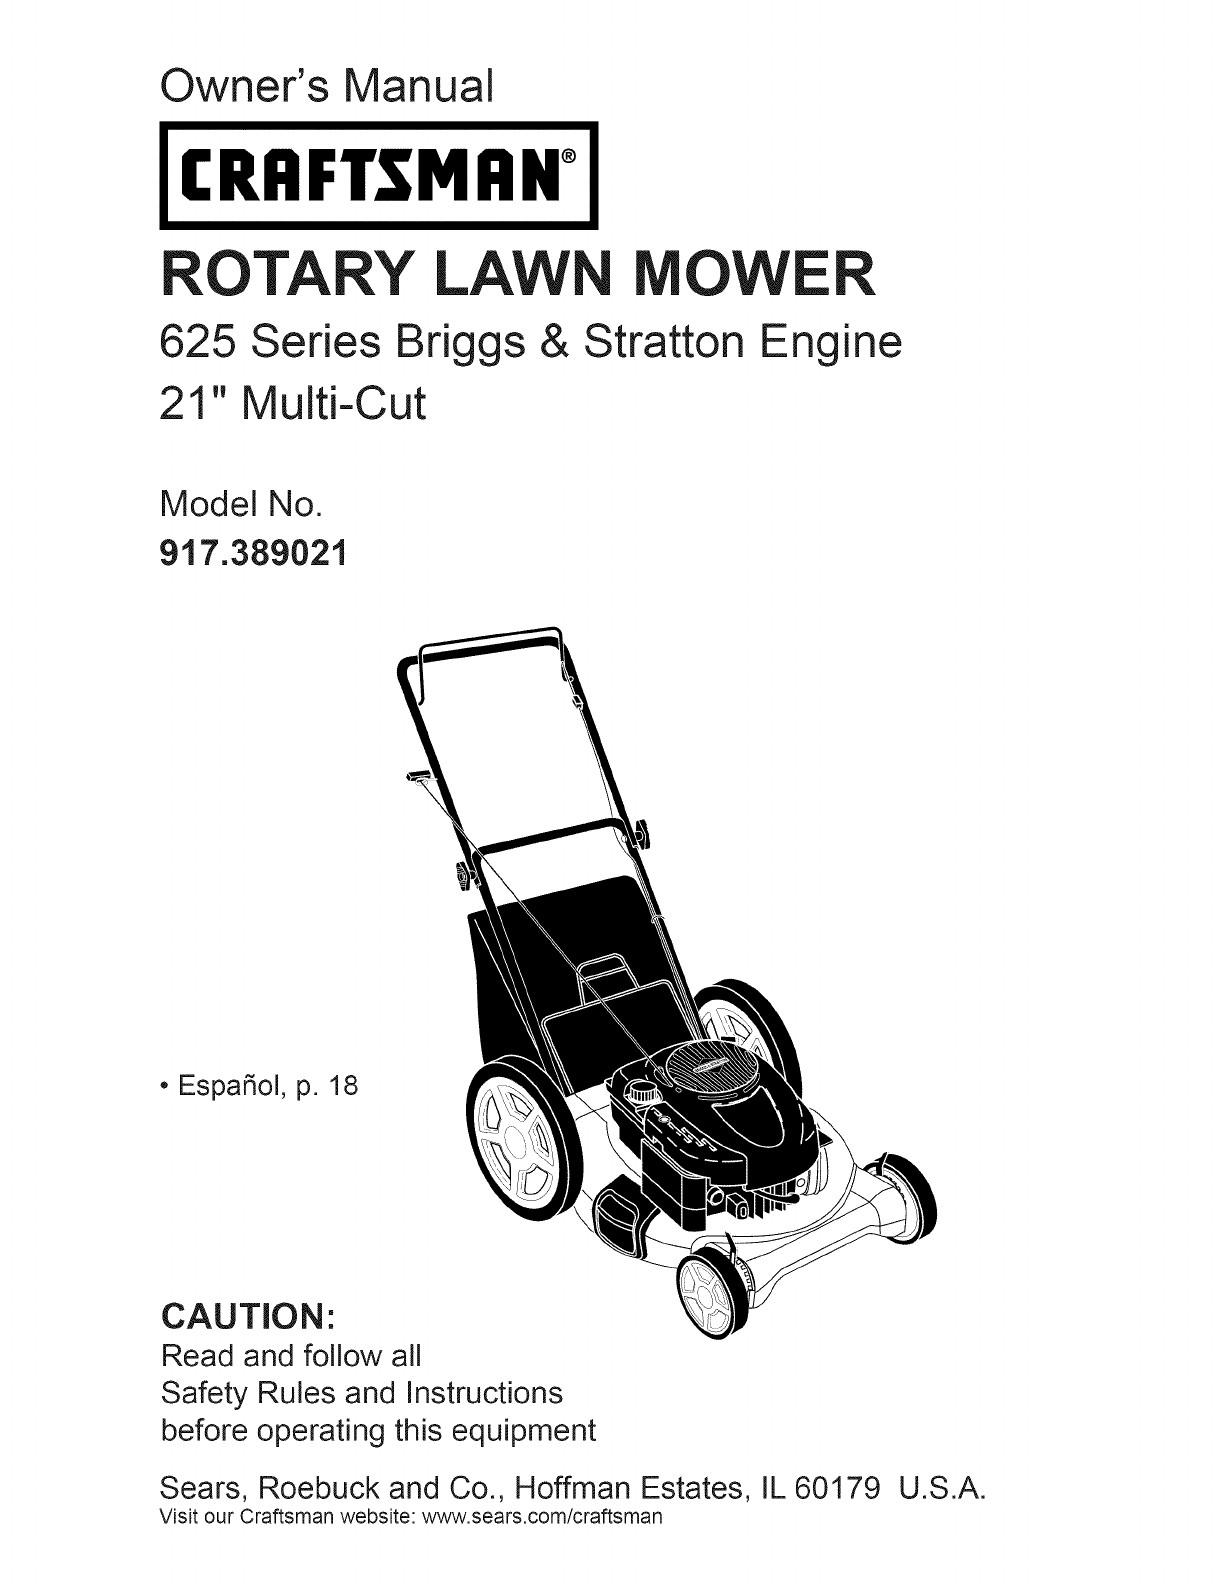 Craftsman Riding Mower Engine Diagram Craftsman Lawn Mower 917 User Guide Of Craftsman Riding Mower Engine Diagram